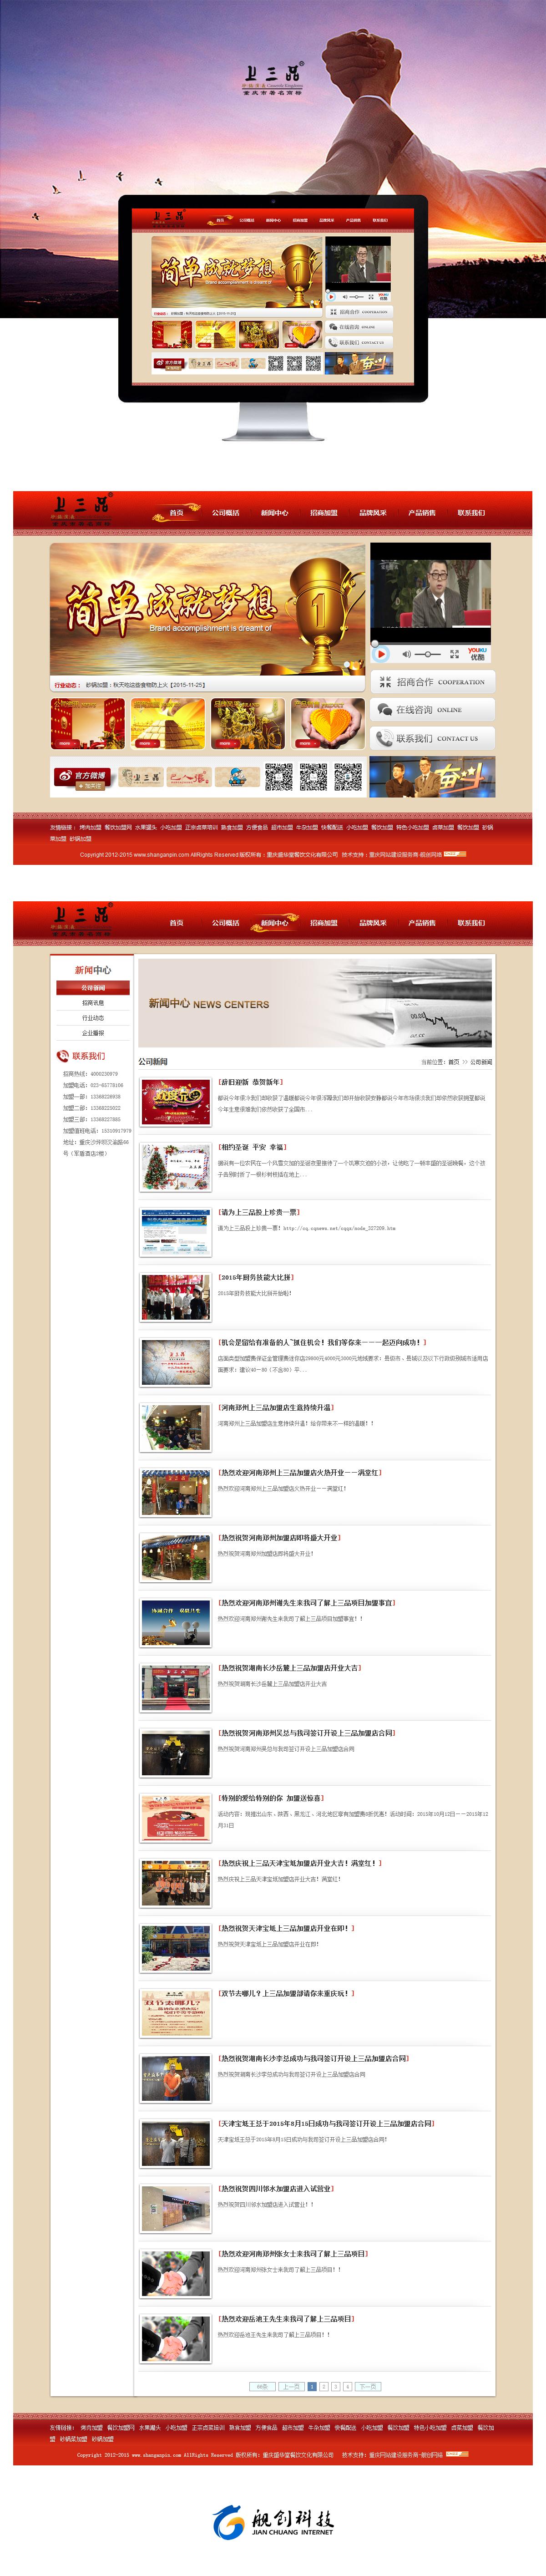 上三品官方网站